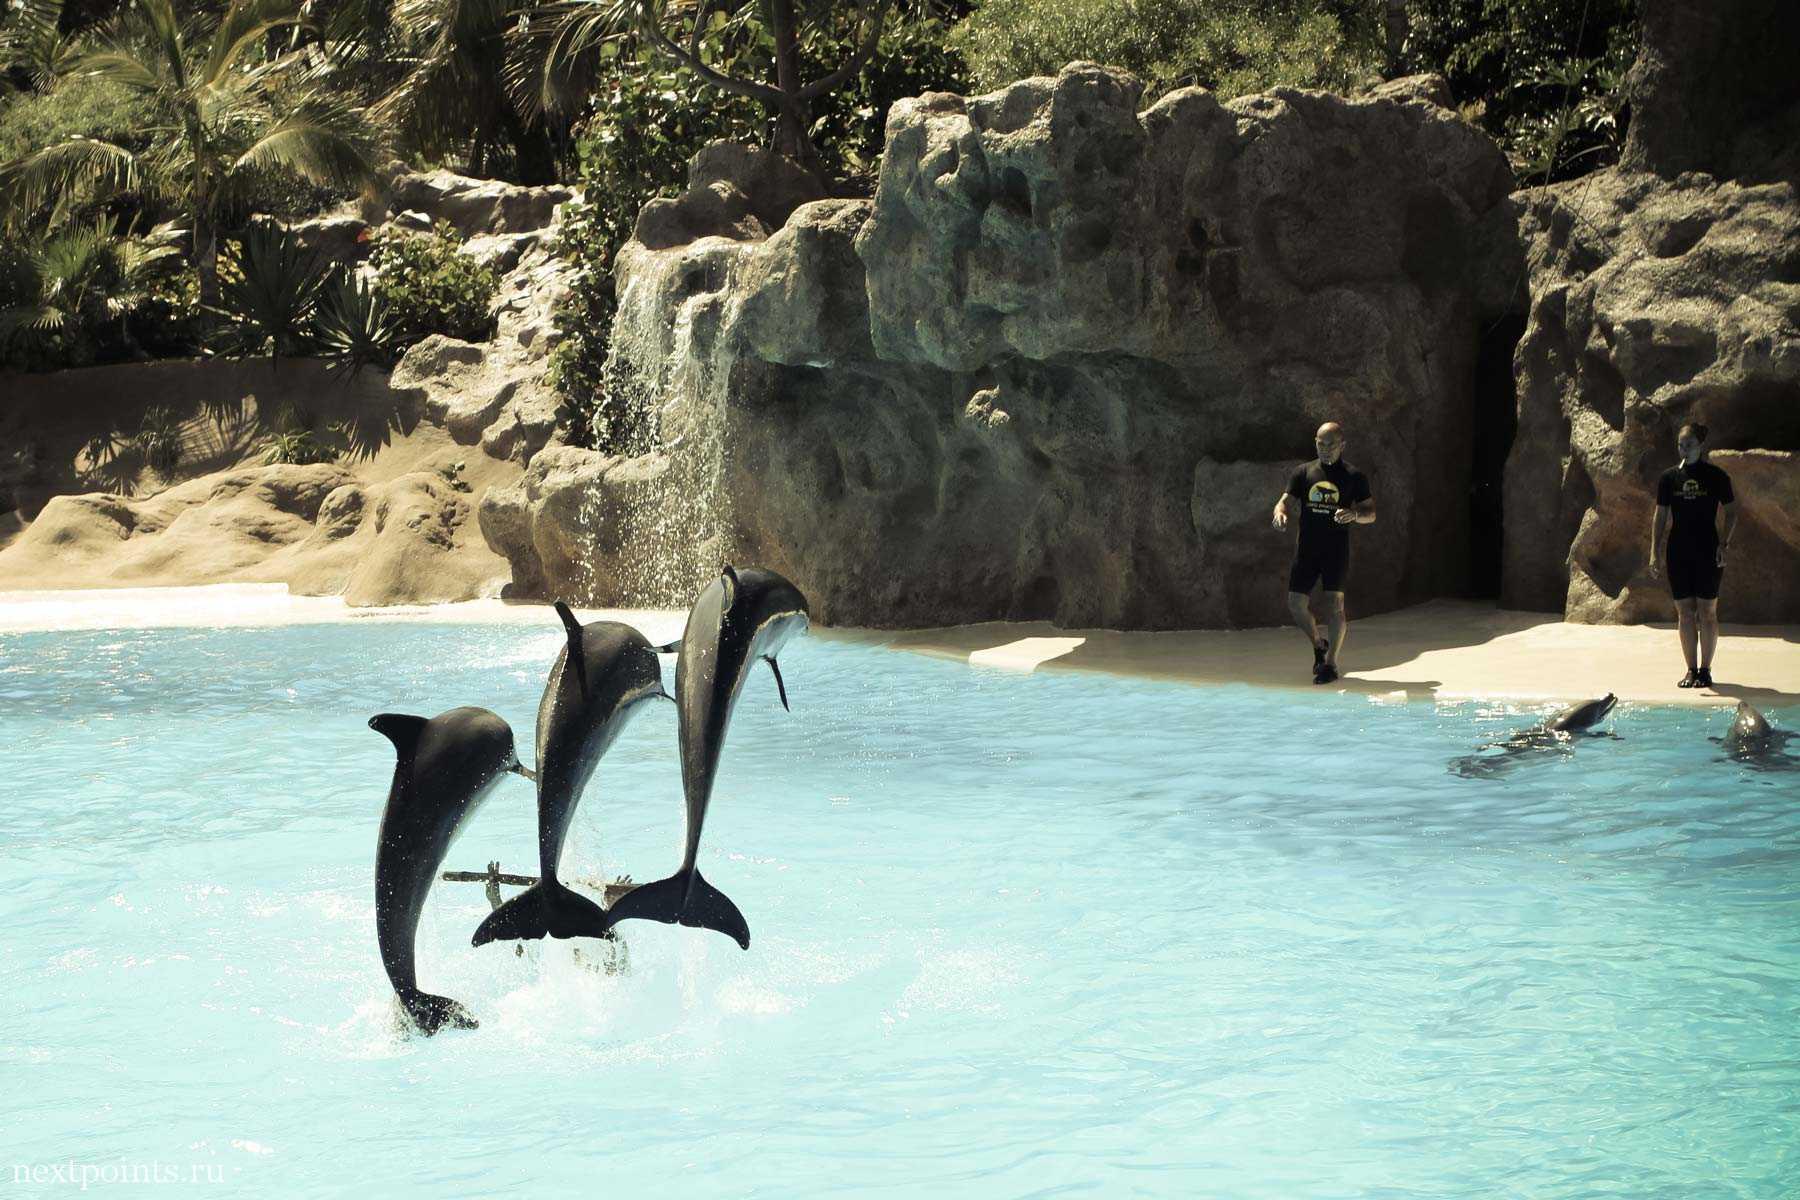 Прыжок дельфинов в Лоро Парке